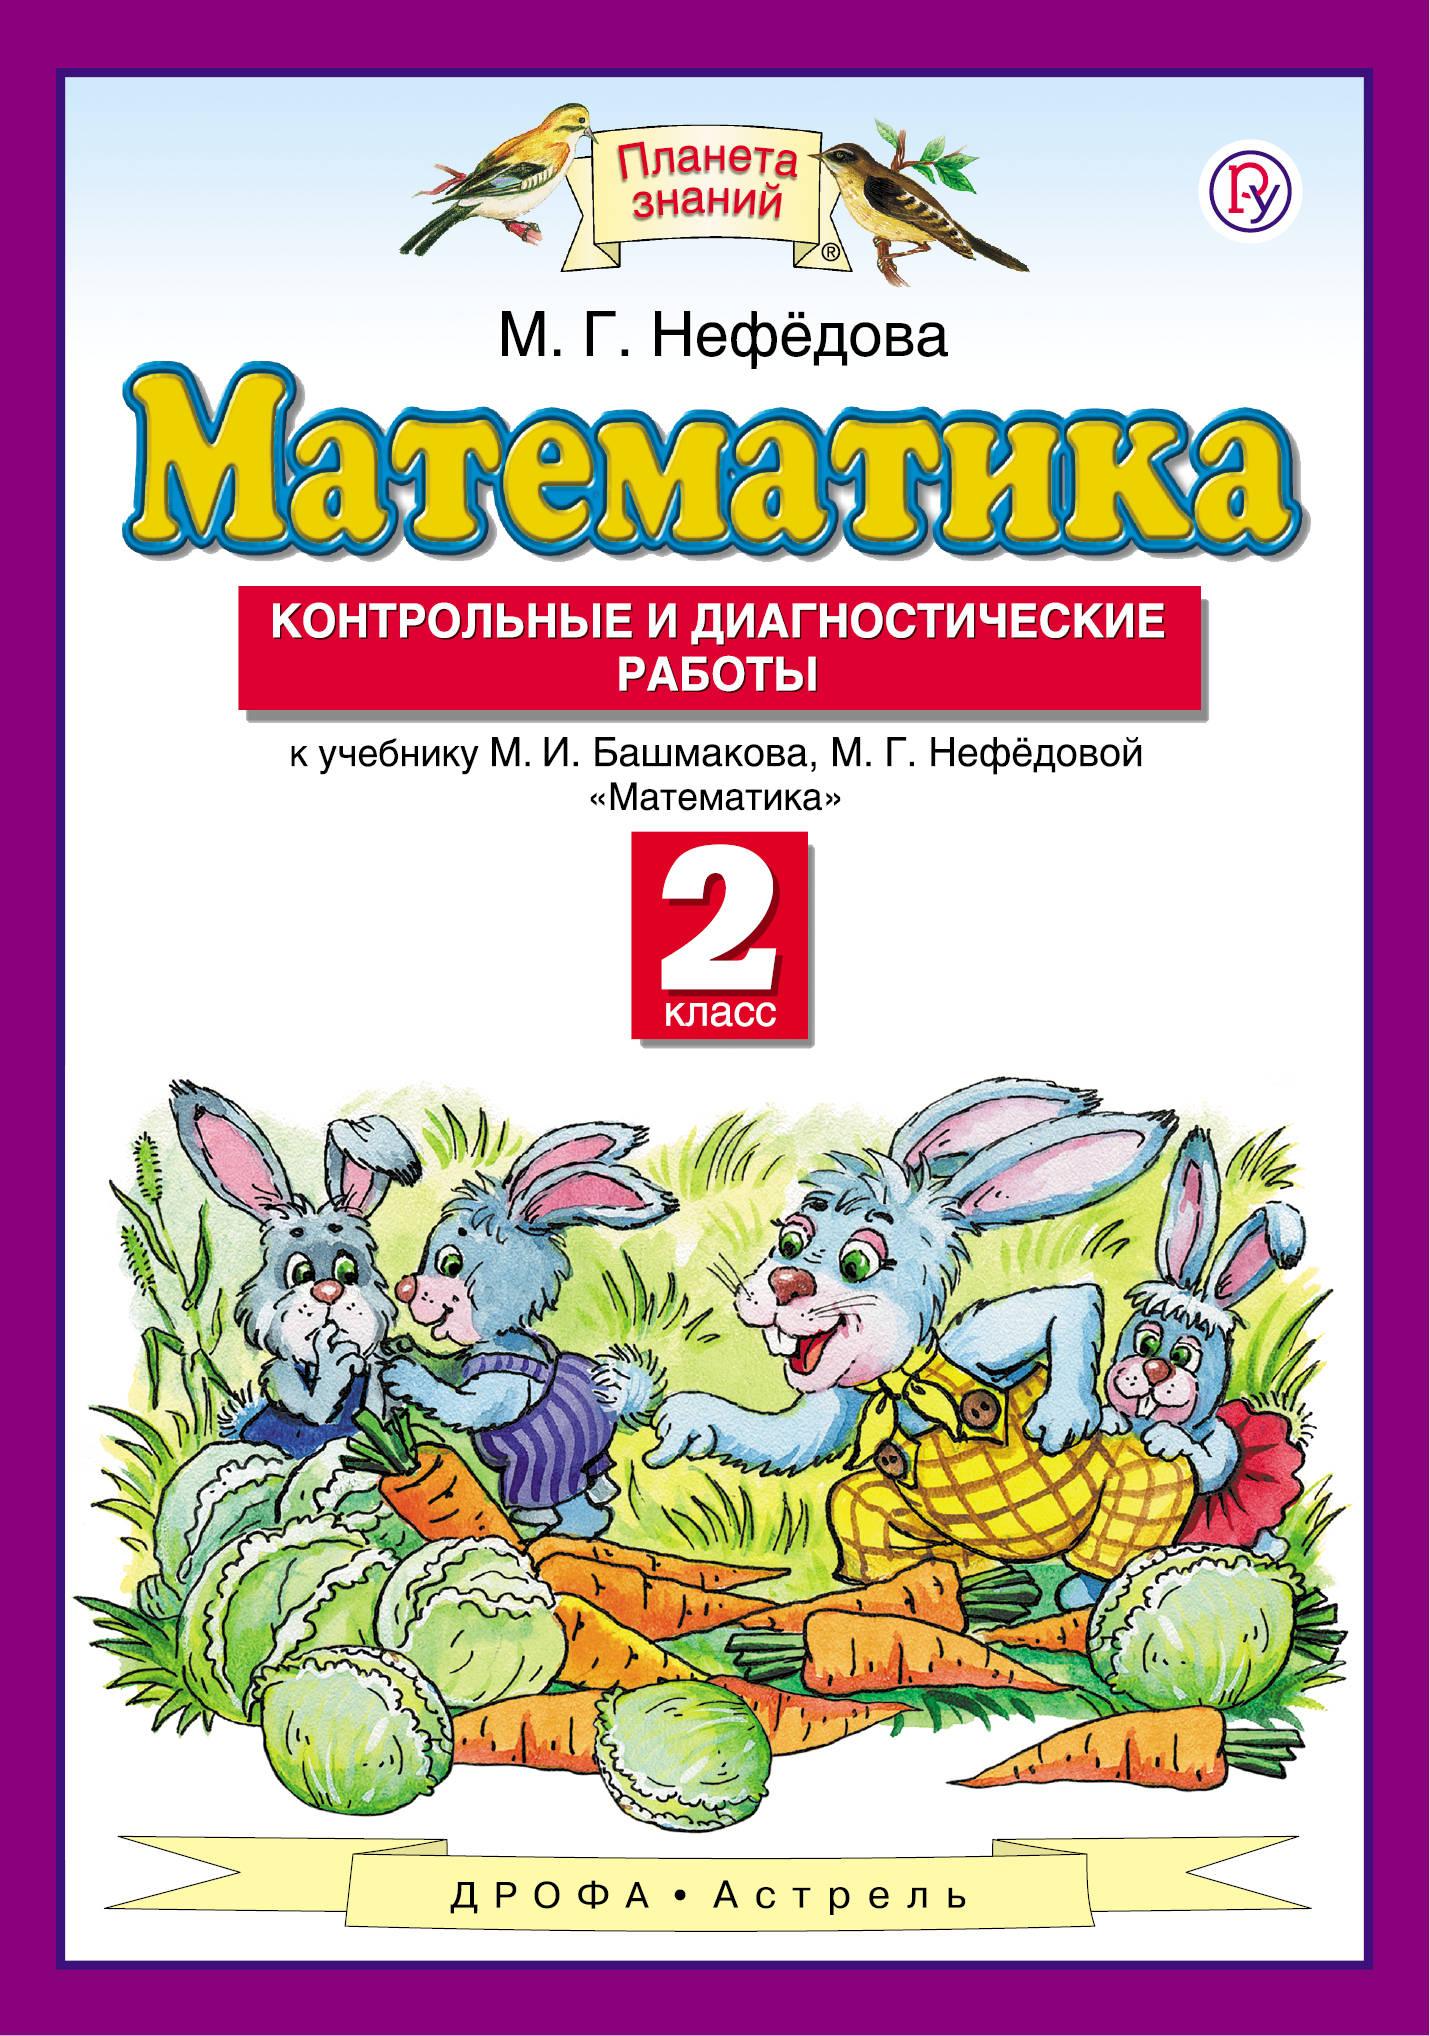 Нефедова М. Г. Математика. 2 класс. Контрольные и диагностические работы